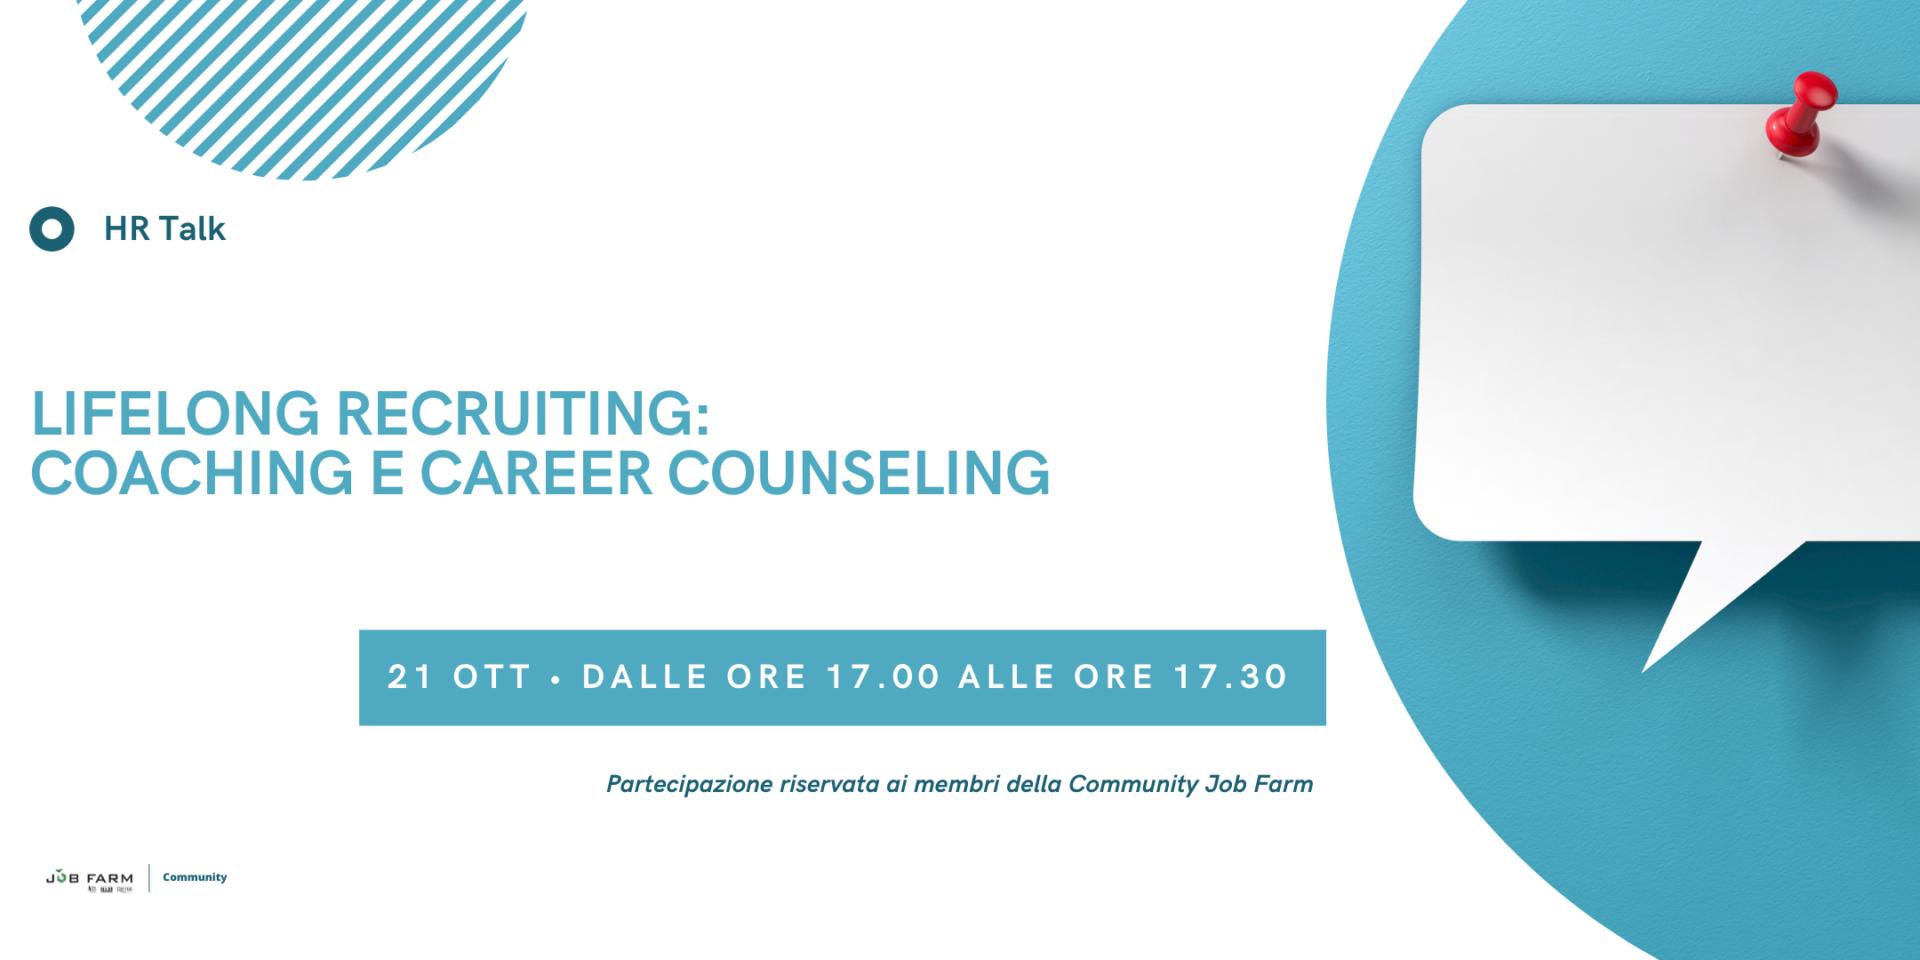 LifeLong Recruiting: Coaching e Career Counseling